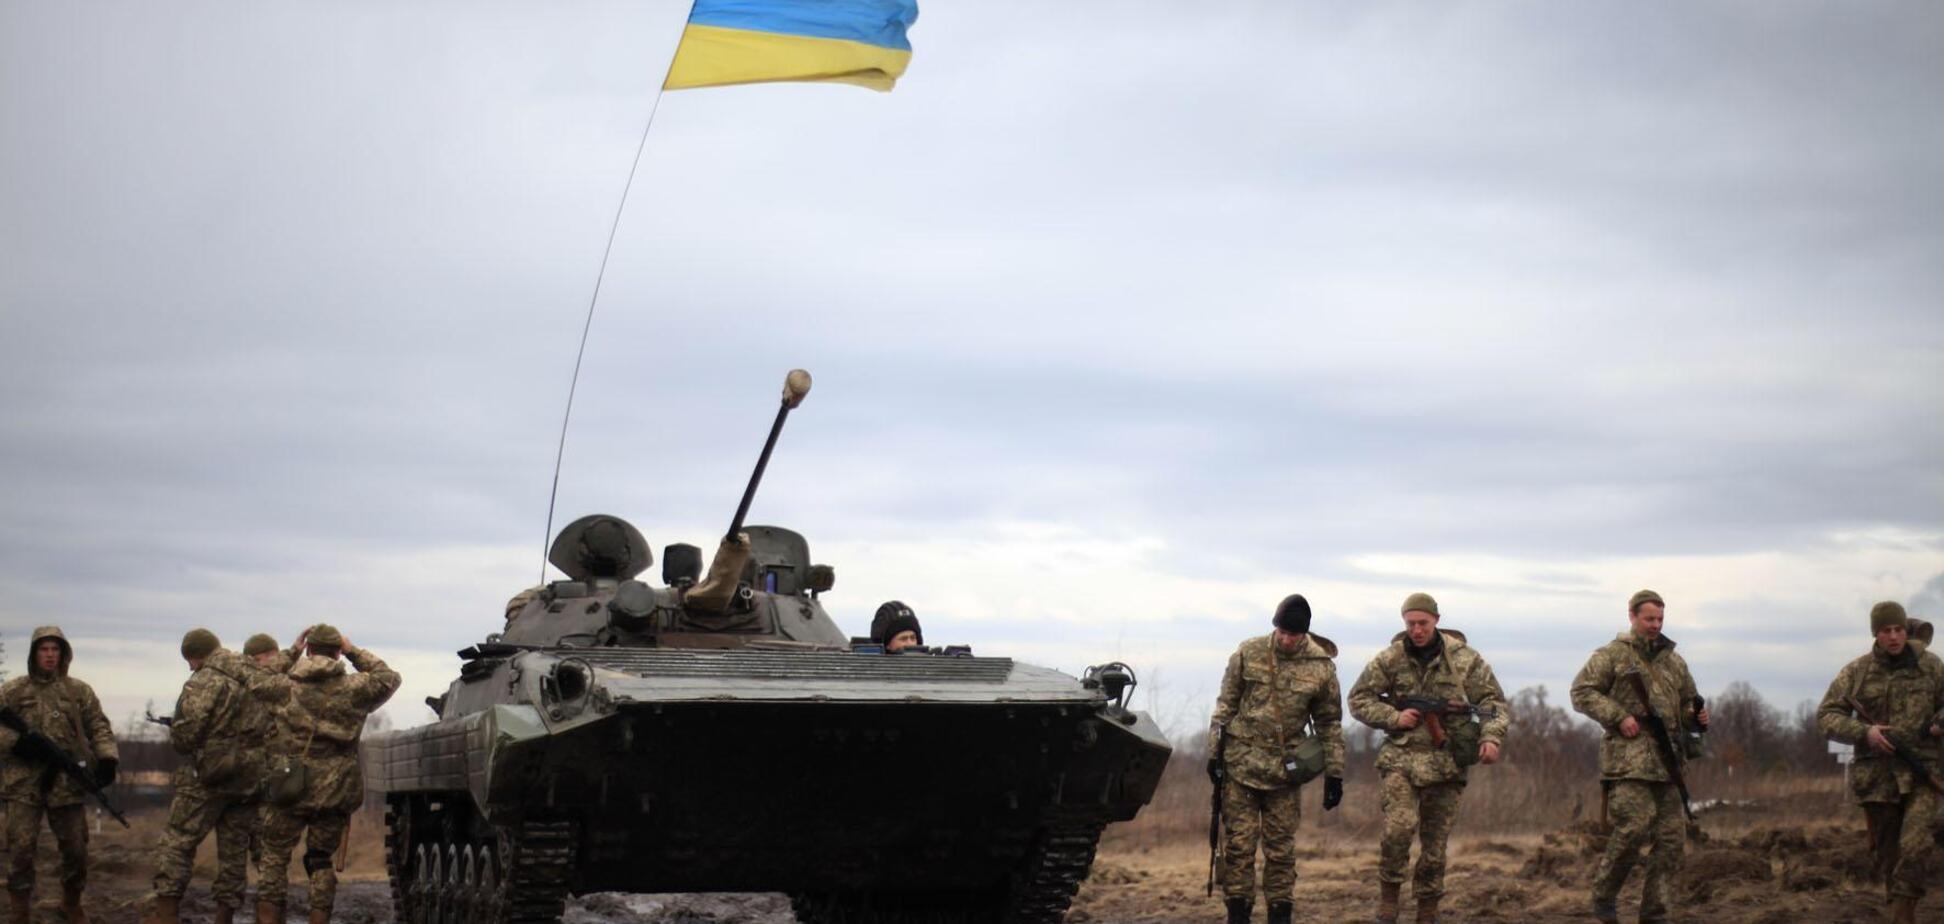 АТО на Донбассе: названы самые горячие точки на фронте